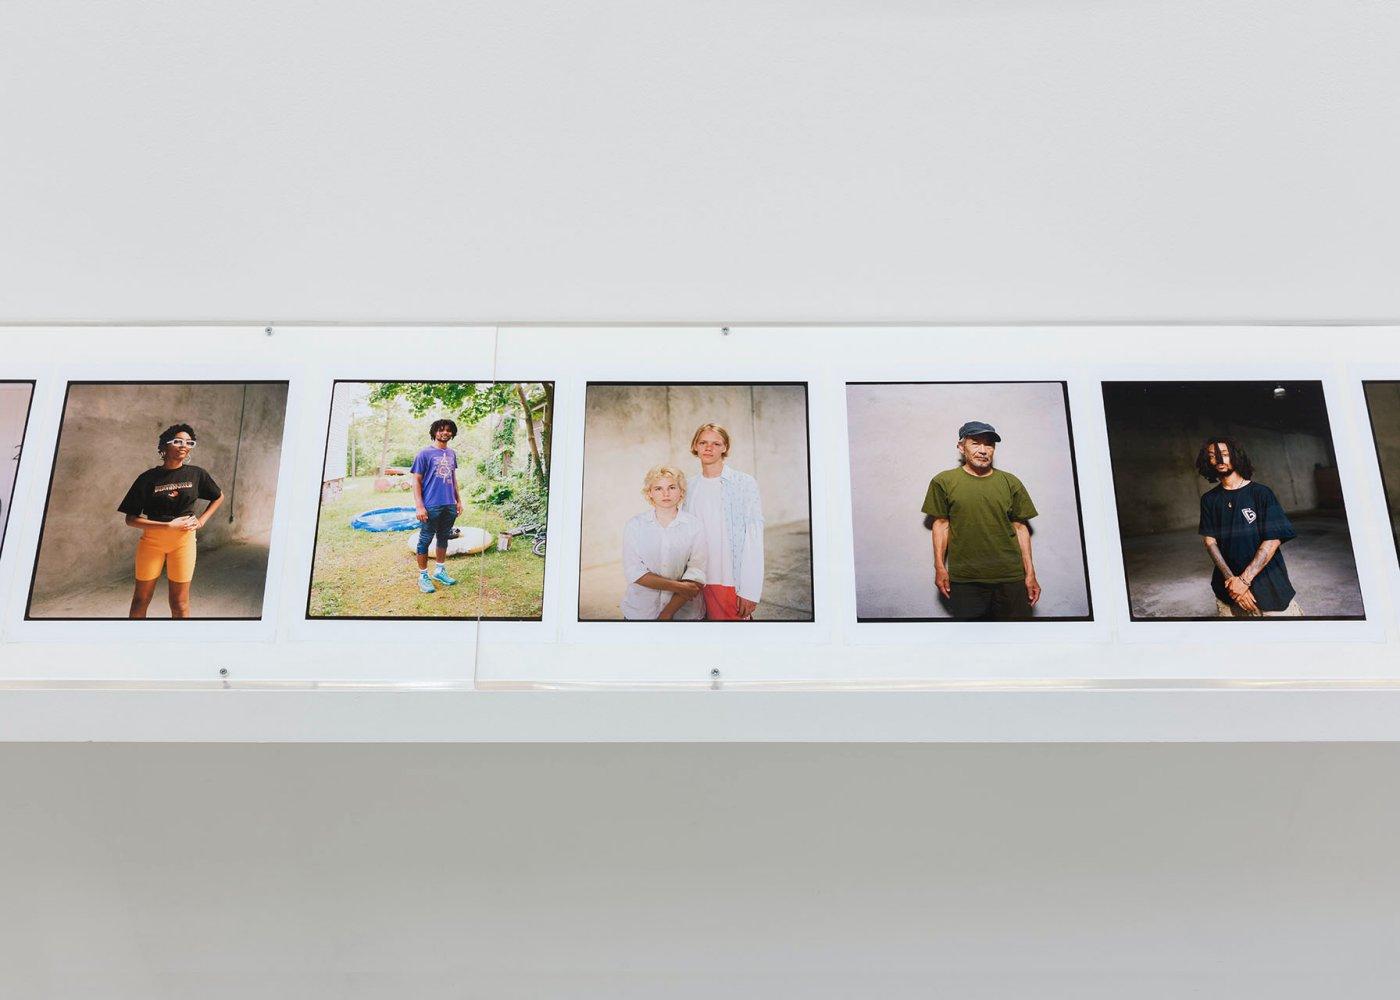 Galerie Frank Elbaz Ari Marcopoulos 7